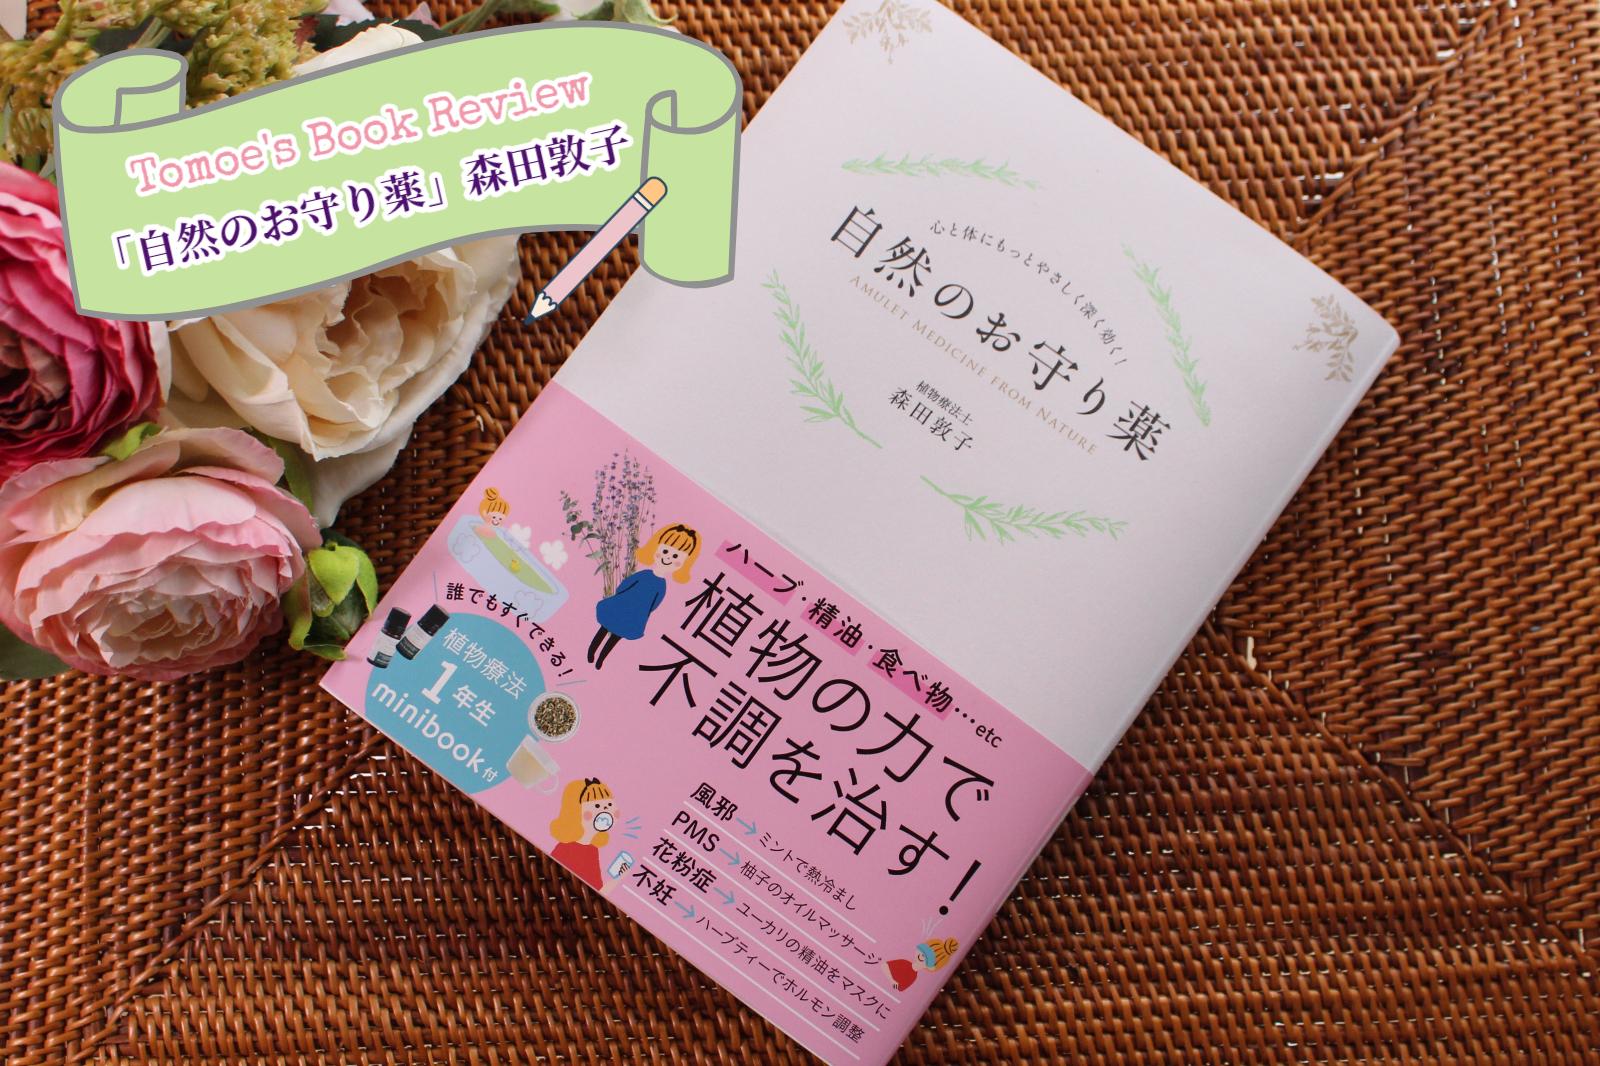 「自然のお守り薬」森田敦子 永岡書店 の感想・書評・ブックレビュー